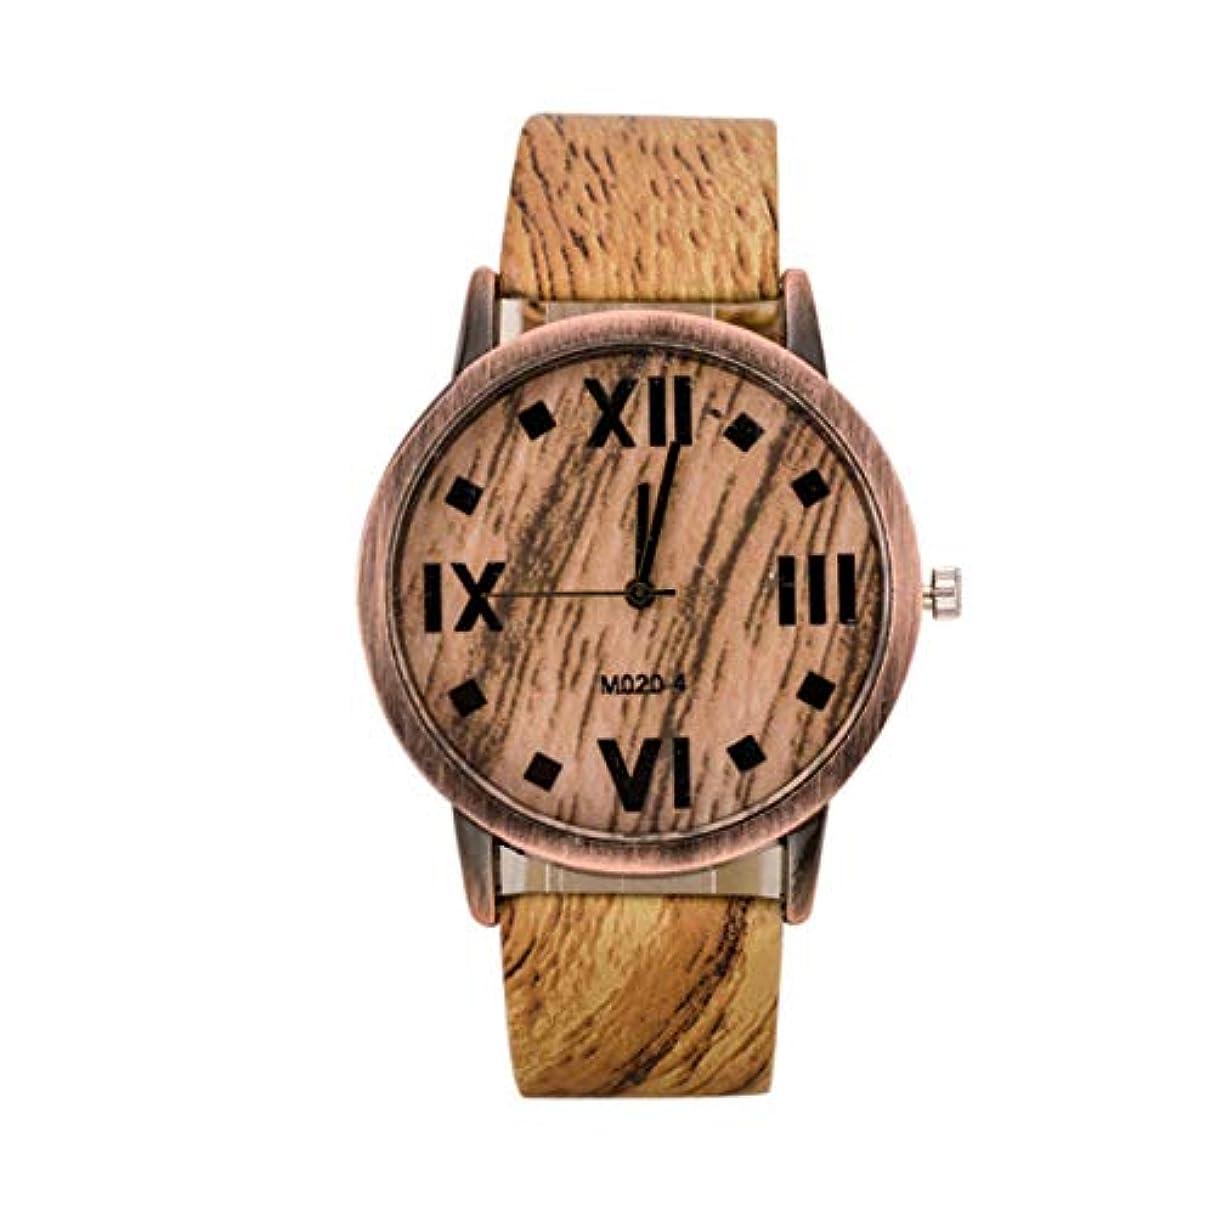 アウトドア乞食グッゲンハイム美術館DeeploveUU ファッショントレンディ女性腕時計ウッドグレインPUレザーストラップラウンドダイヤル腕時計カジュアルトラベルアロイウォッチ